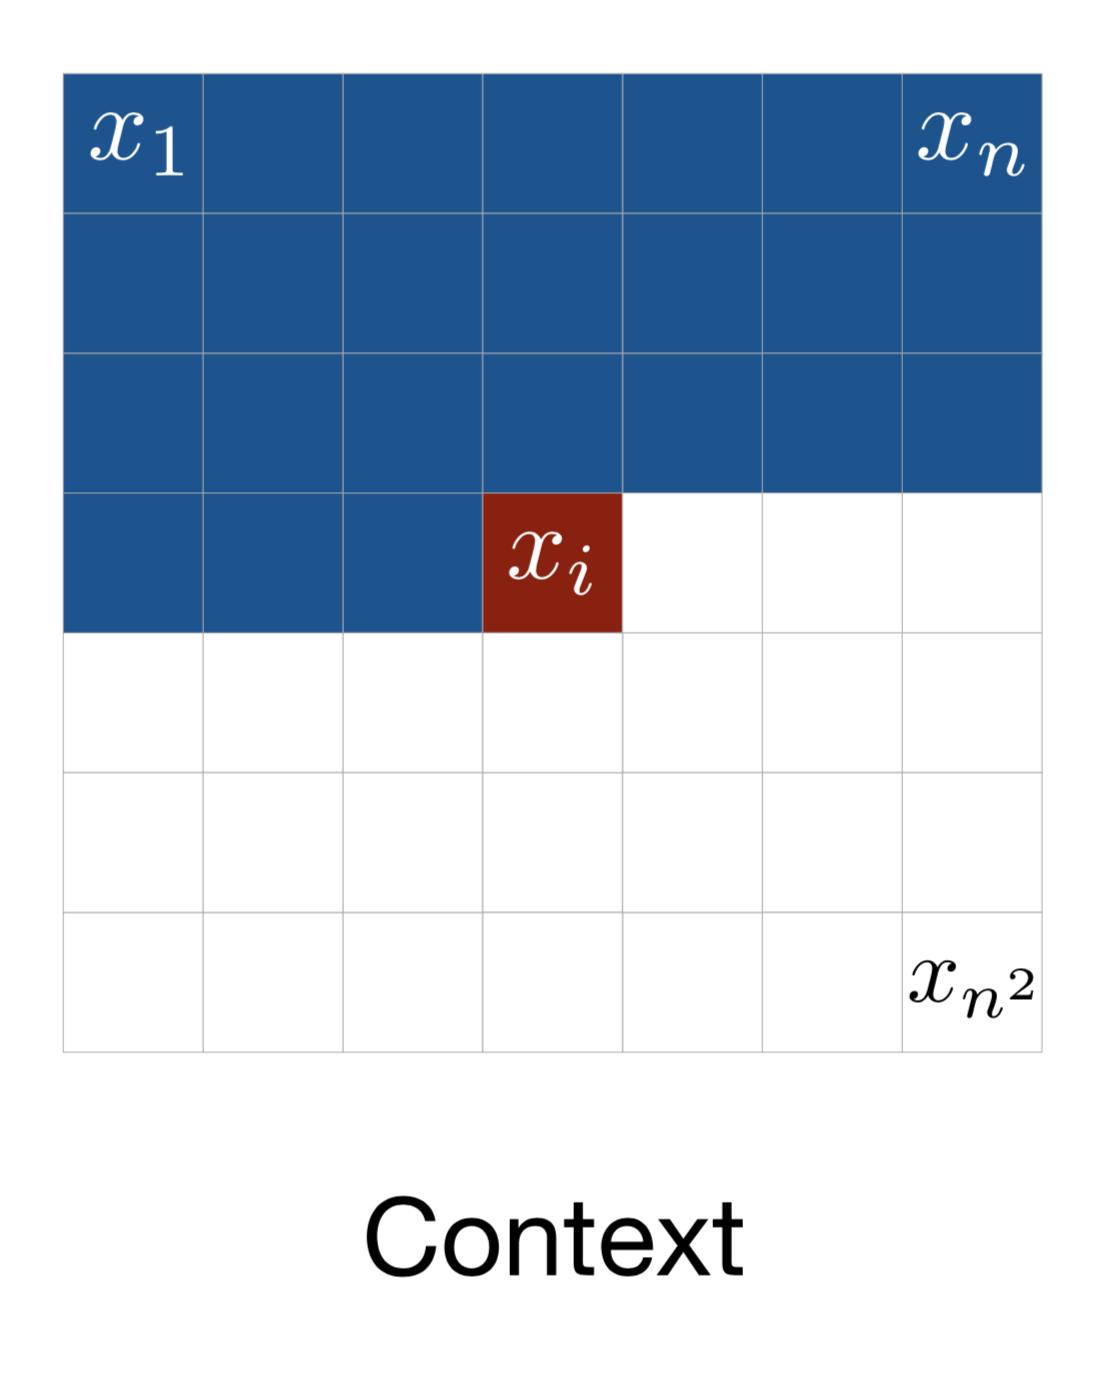 Context in PixelRNN